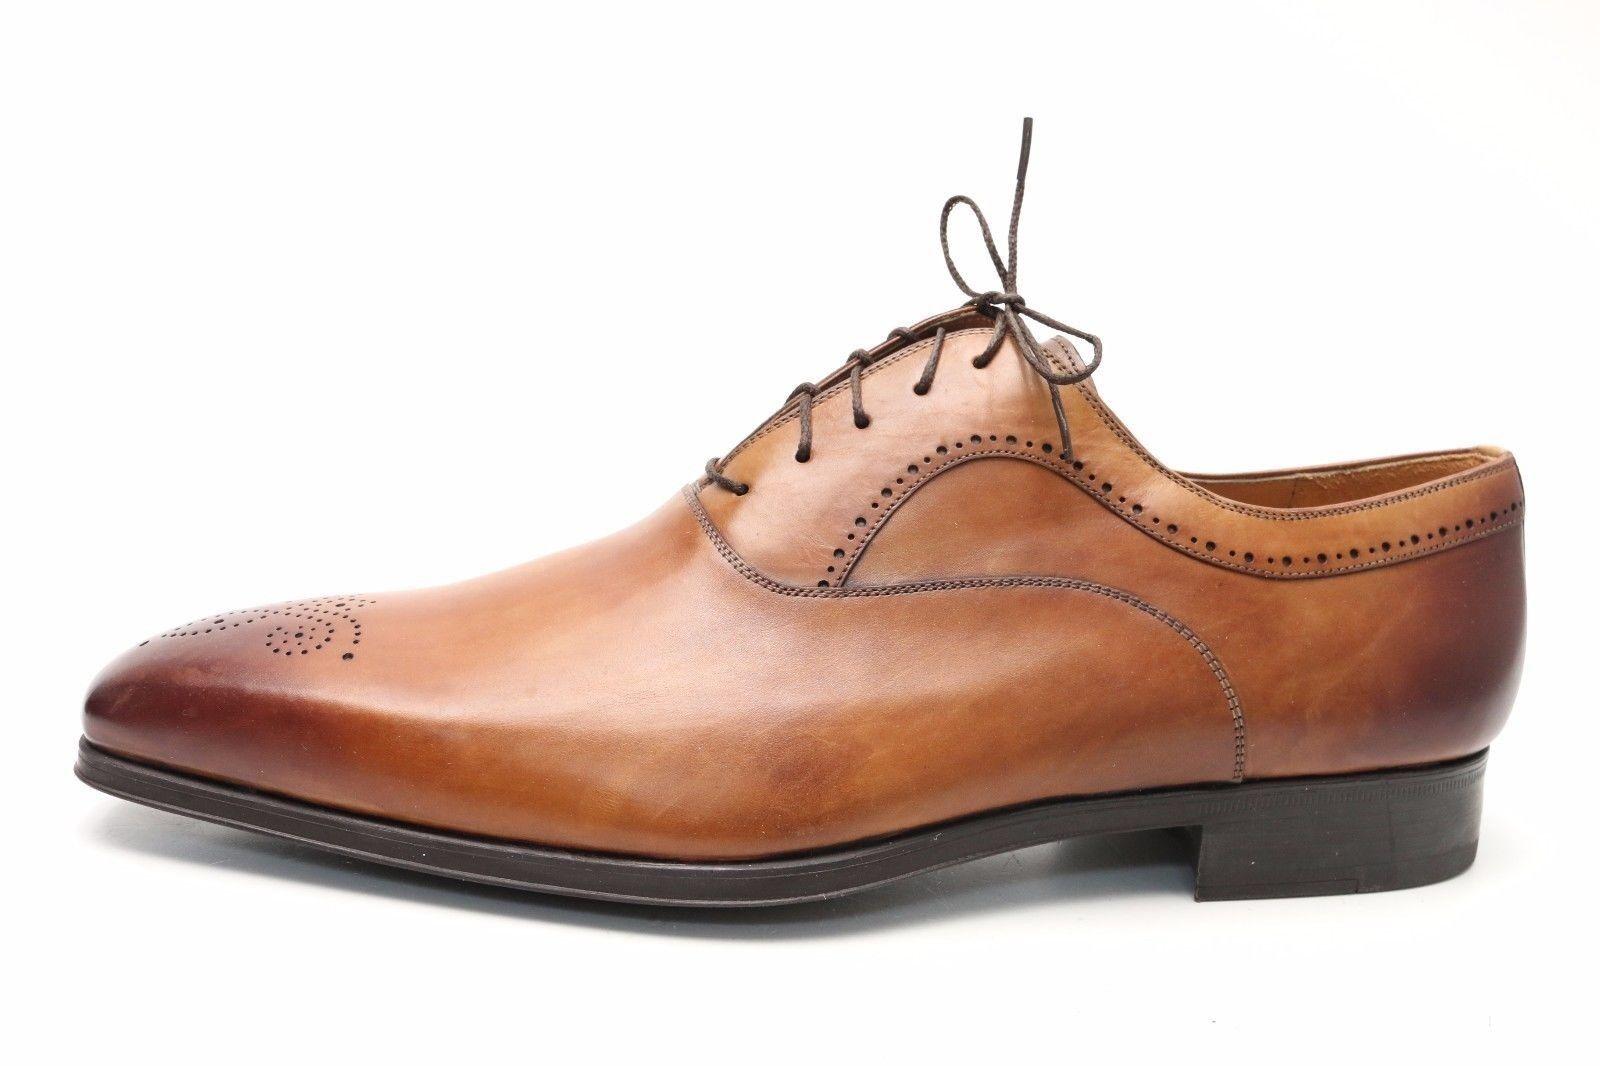 Pelle di pelle Marroneee, di Magnuanni, da  uomo, scarpe da vestito.15 M  vendita di offerte